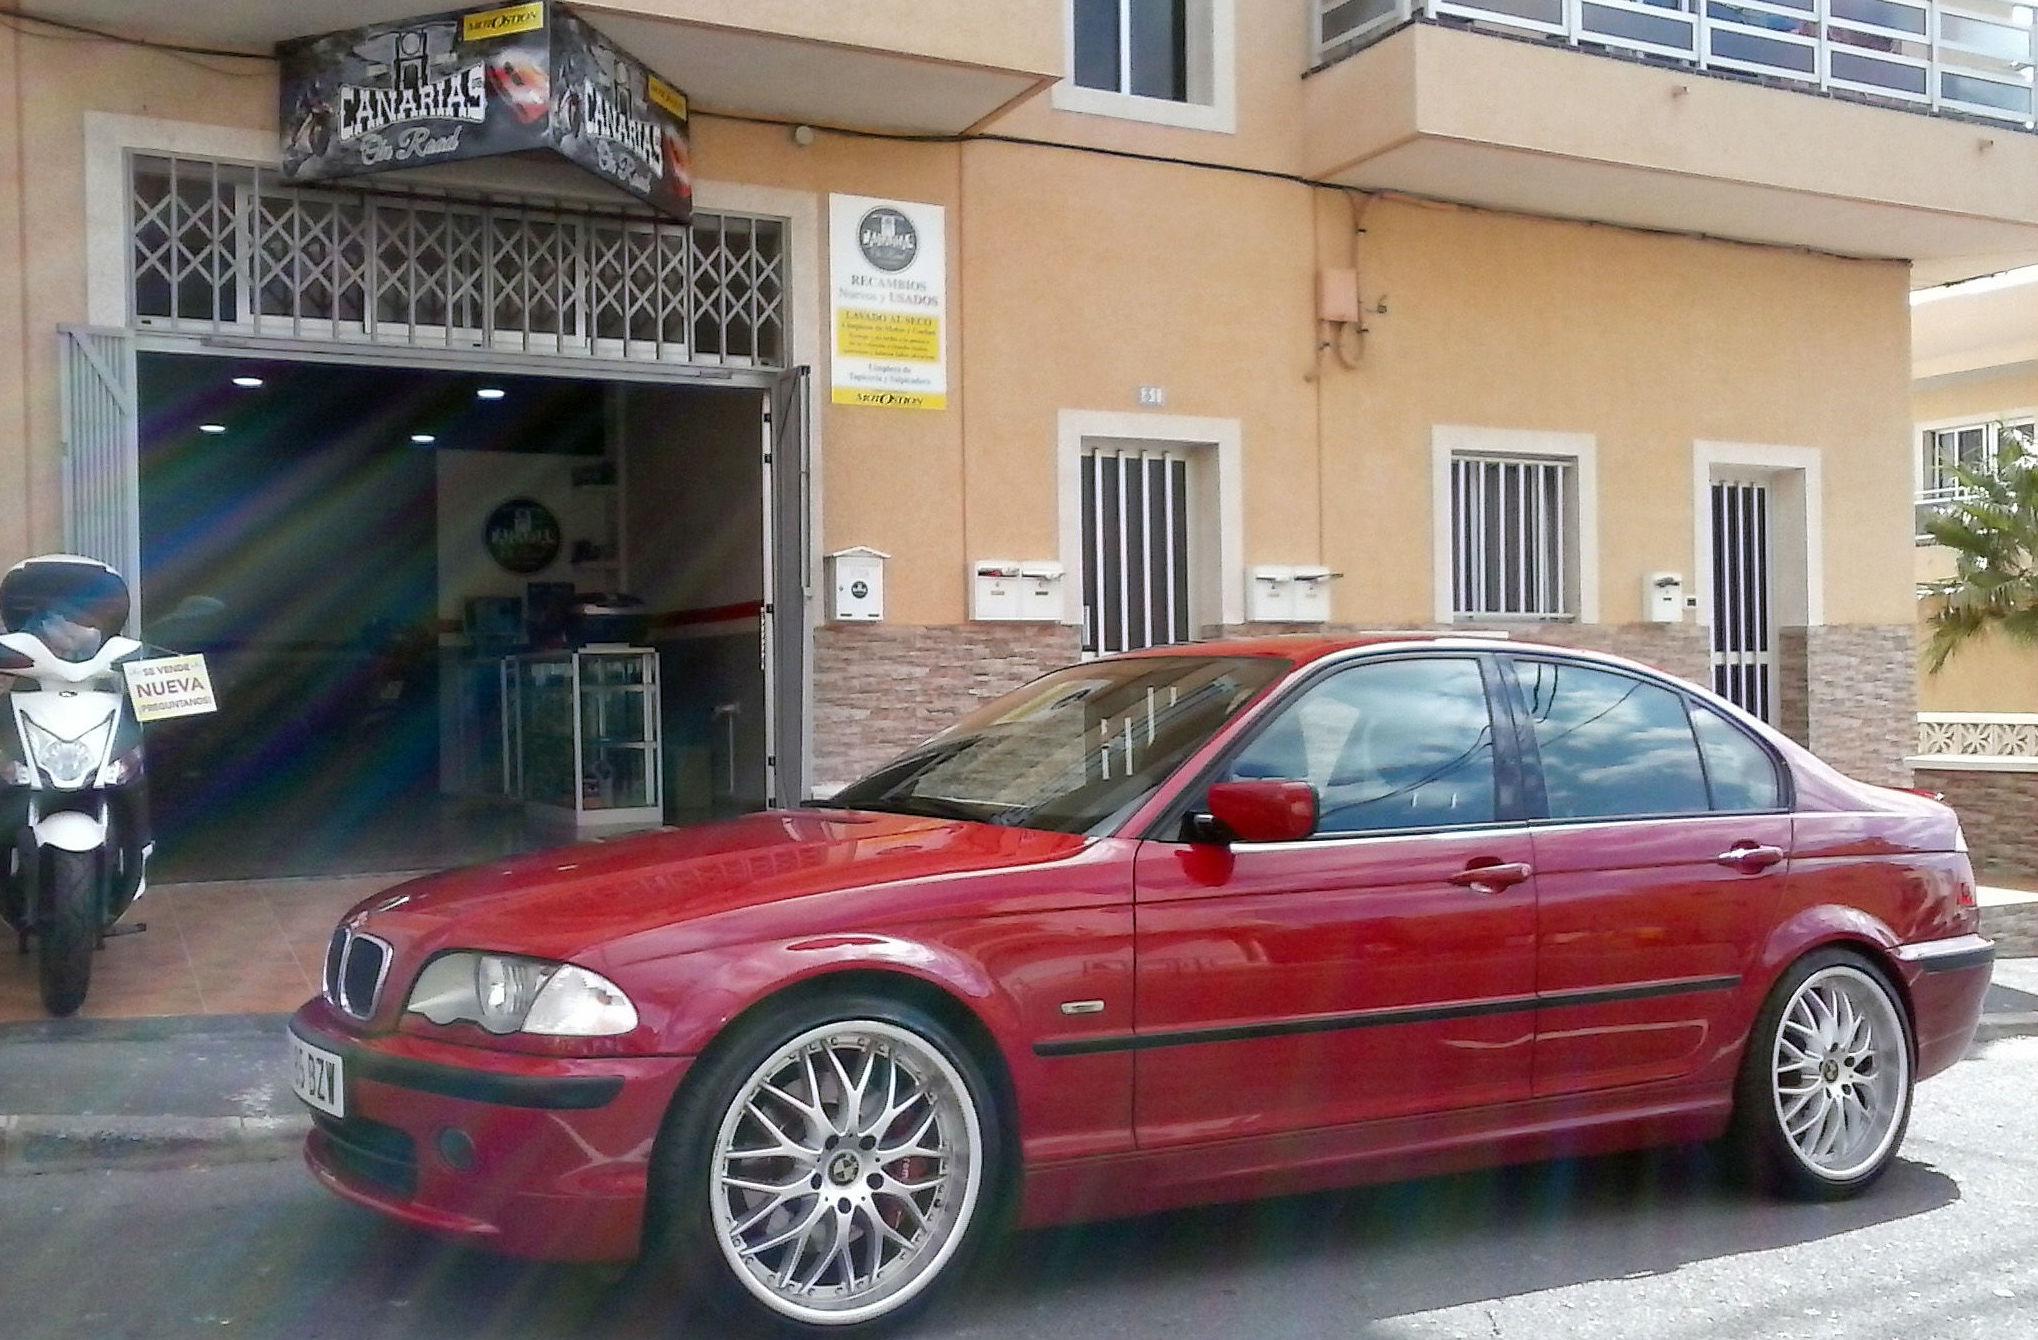 Limpieza en seco de coches en San Isidro, Tenerife